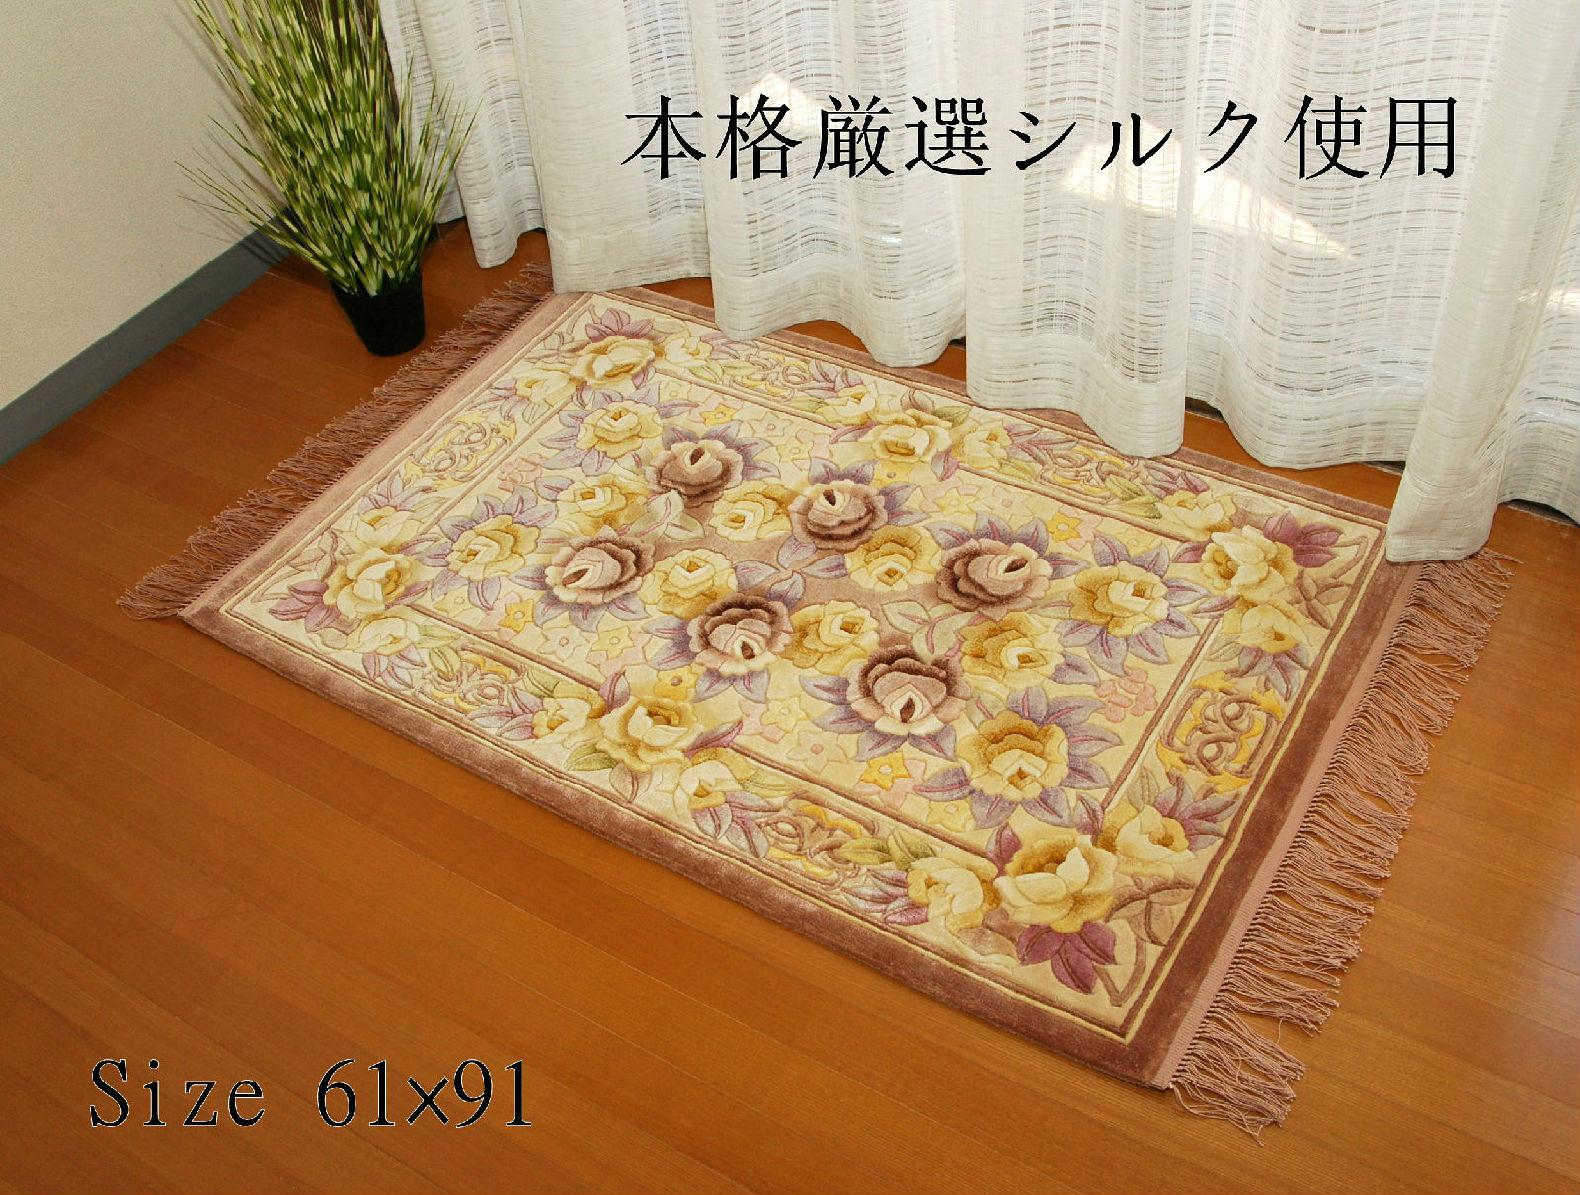 最新デザイン厳選シルク使用!!シルク手織り段通マット61×91パープル